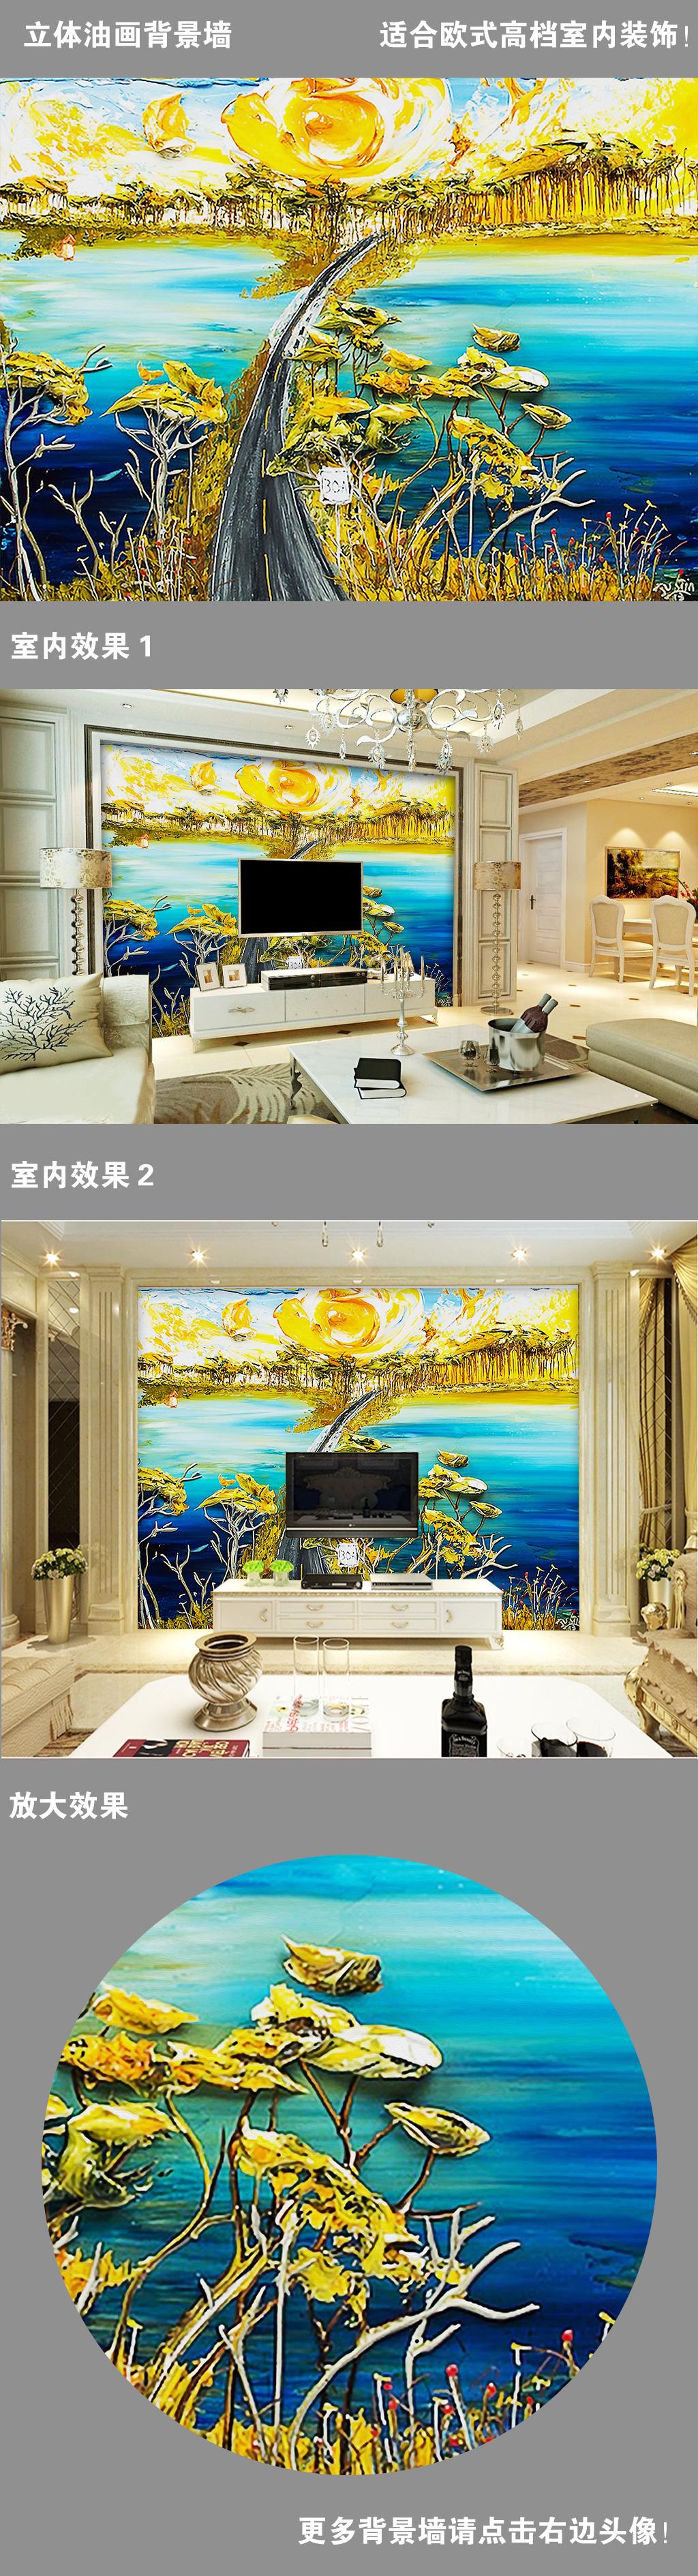 室内墙画立体手绘